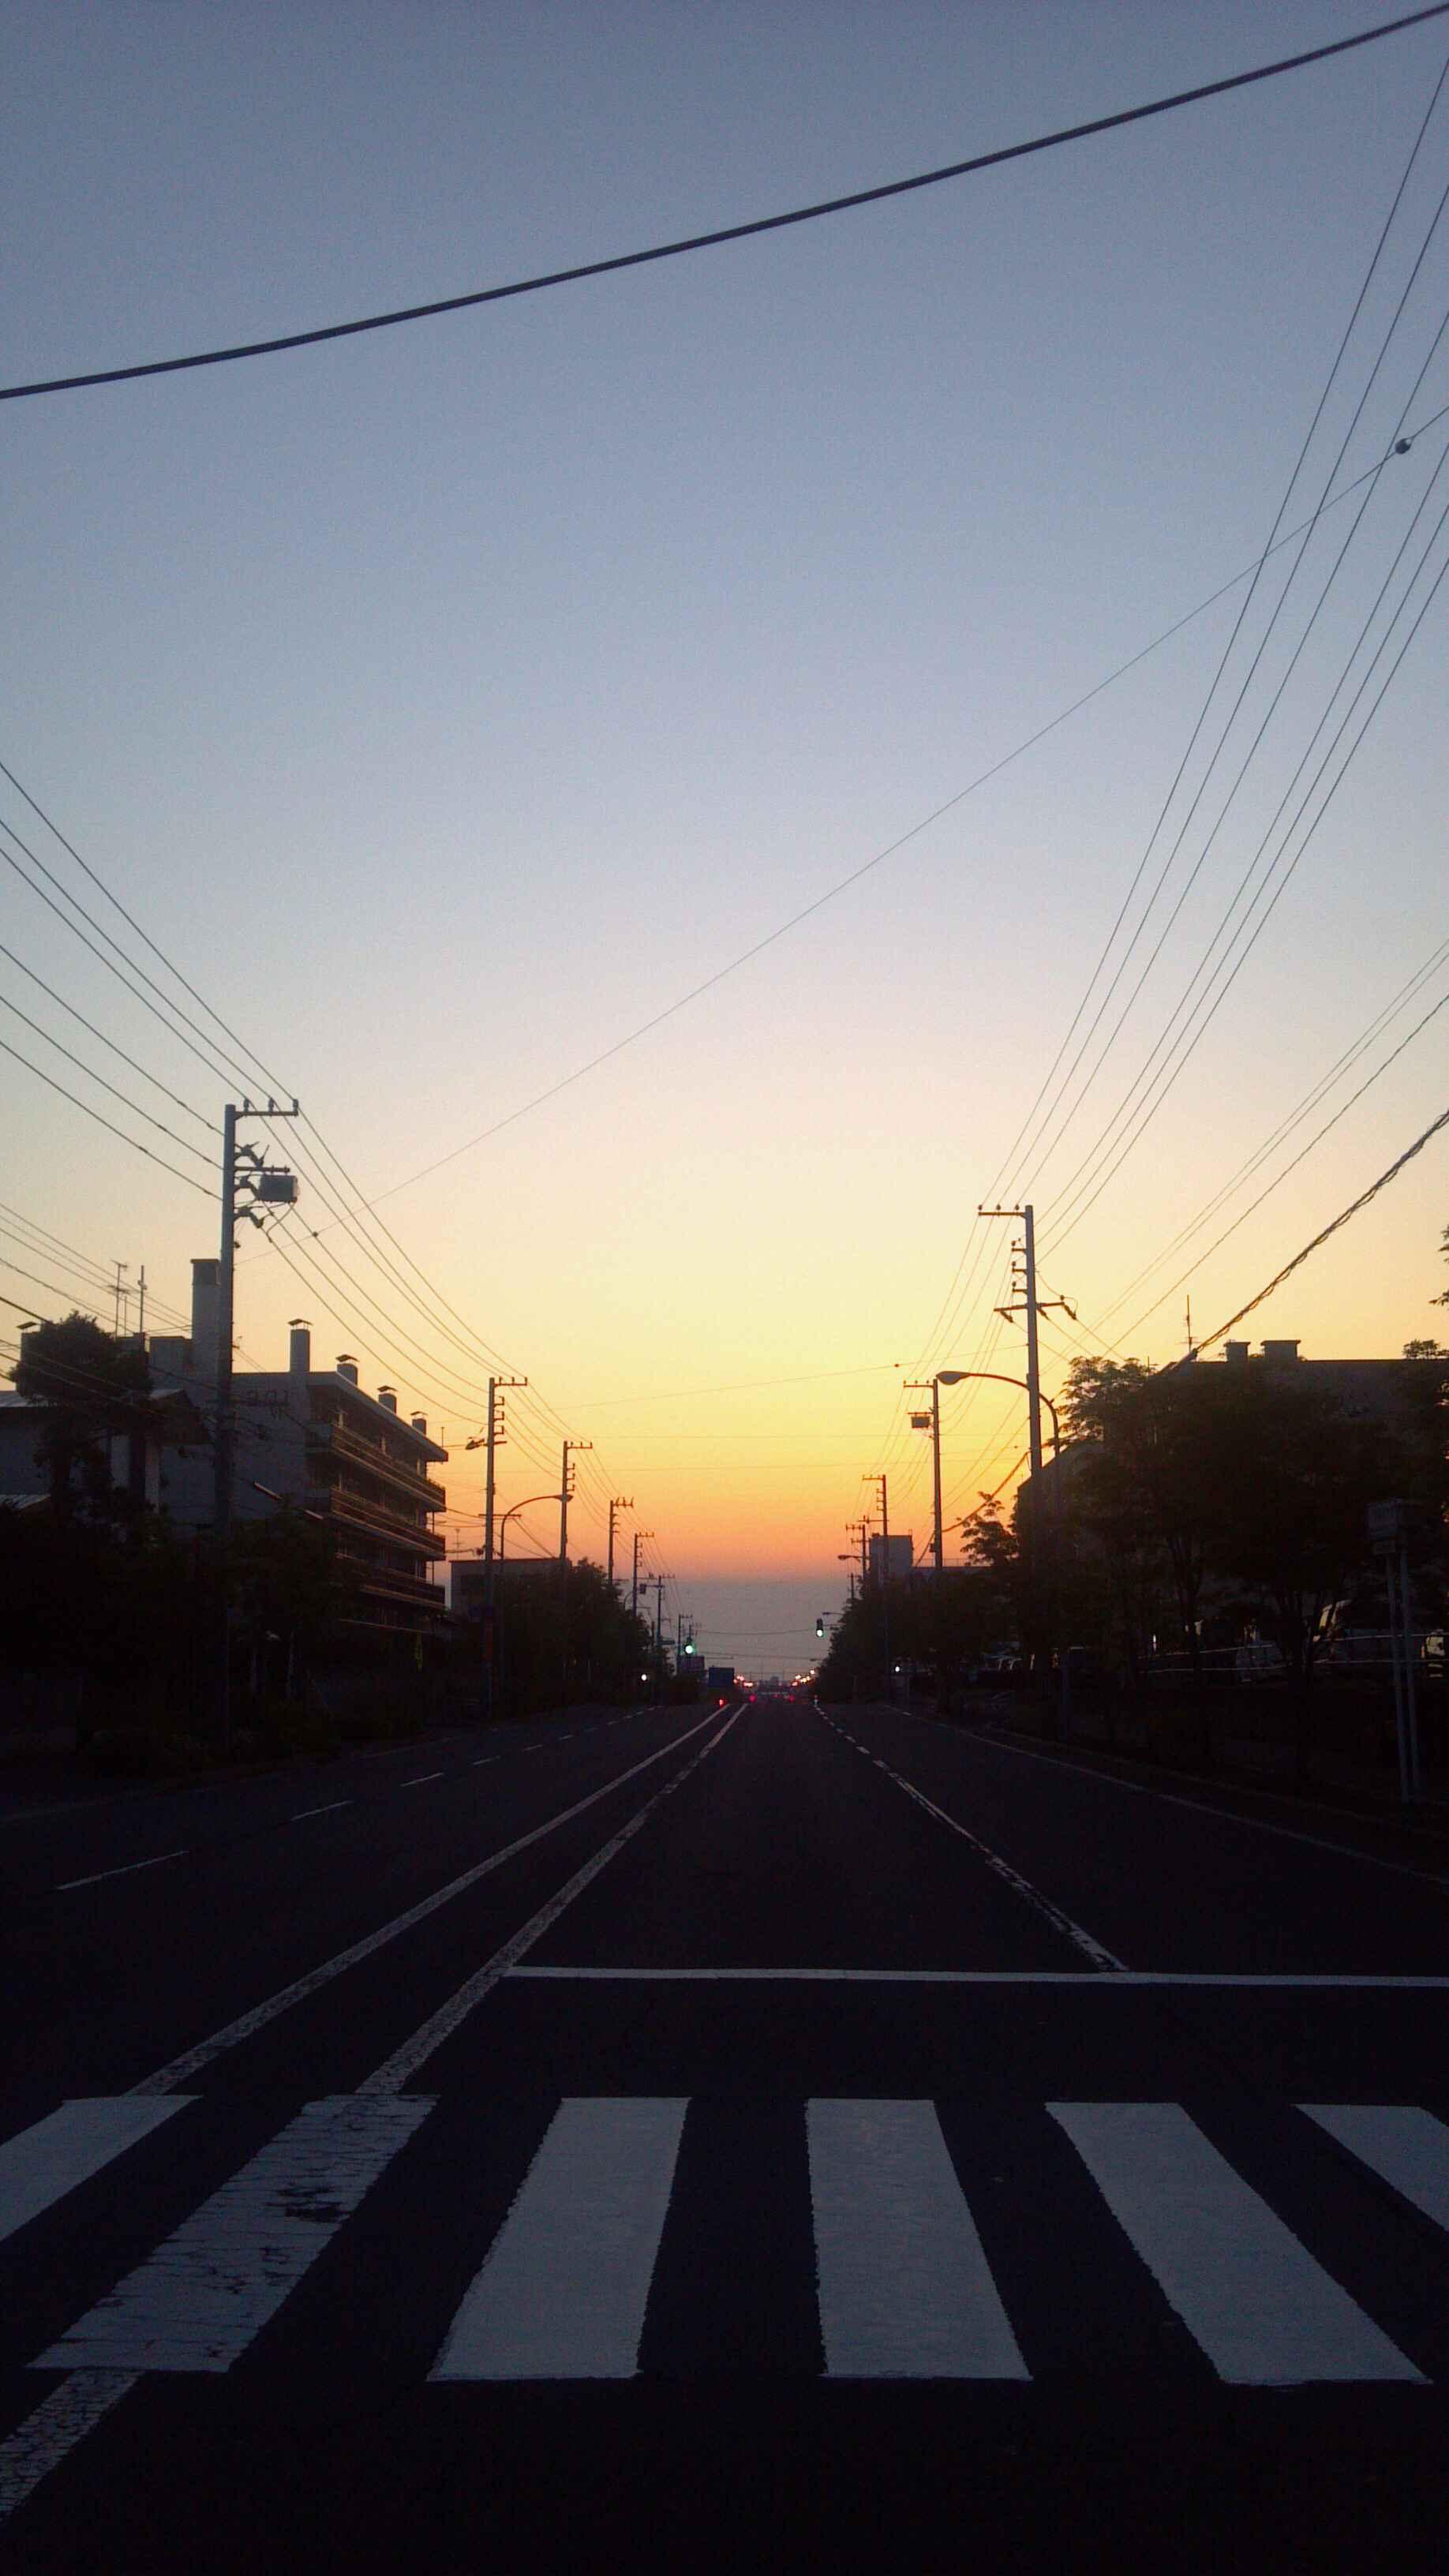 【風景】2012年の高砂町の朝焼け